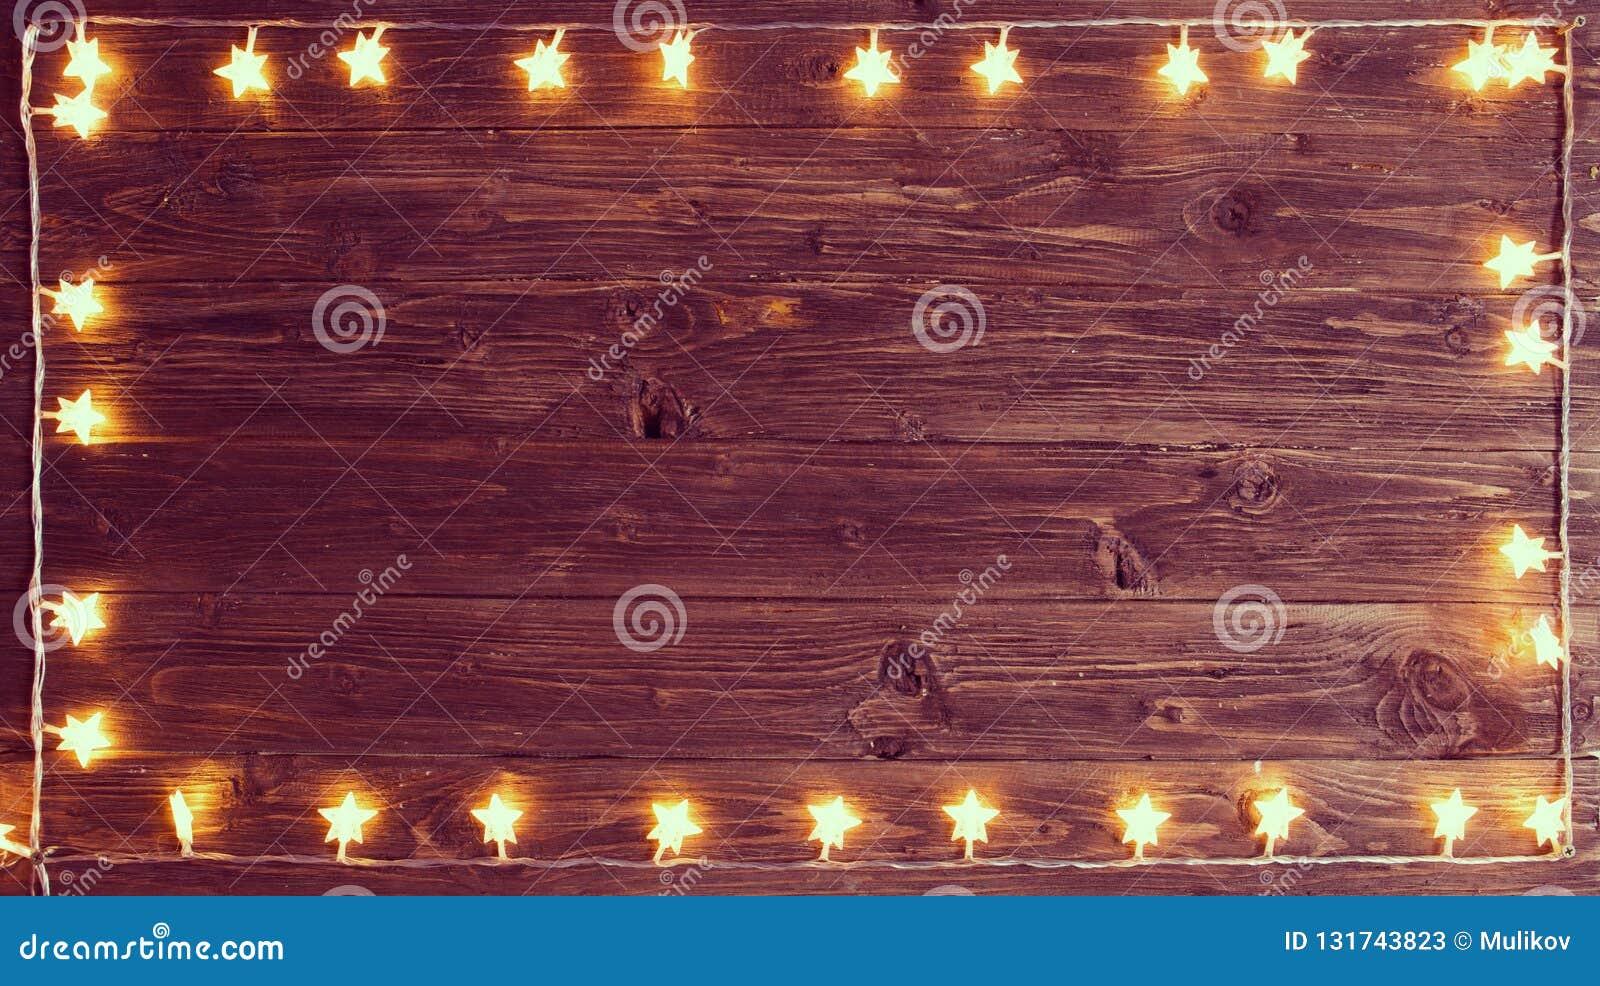 Χαρούμενα Χριστούγεννα! Τα Χριστούγεννα ανάβουν το πλαίσιο στο ξύλινο υπόβαθρο με το διάστημα αντιγράφων